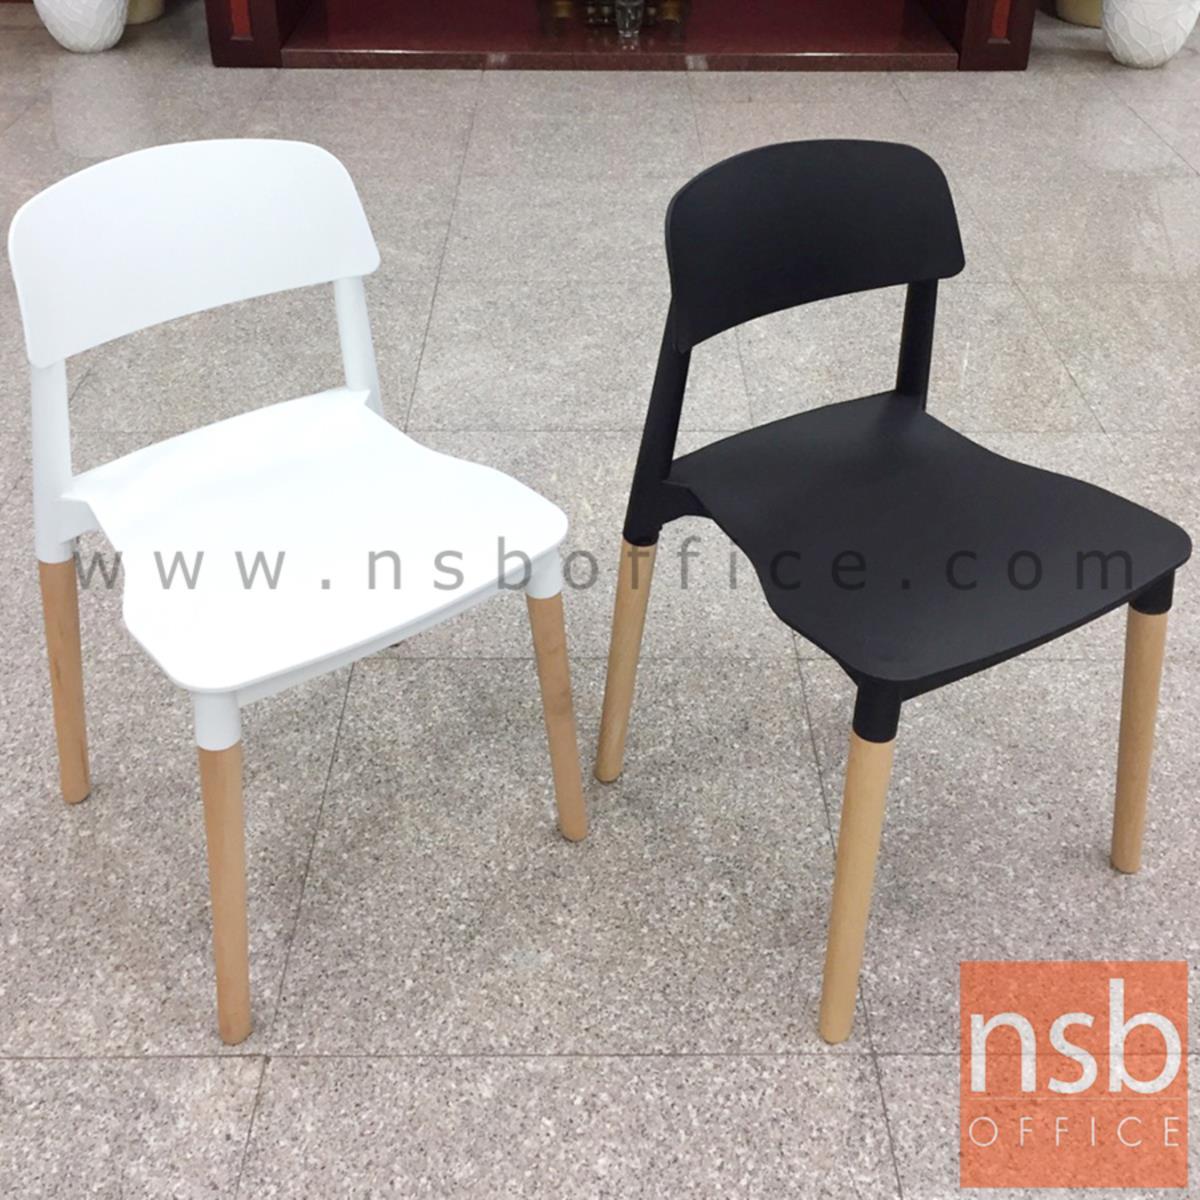 เก้าอี้โมเดิร์นพลาสติก รุ่น Aylesworth (ไอเลสเวิร์ท) ขนาด 42W cm. ขาไม้จริง